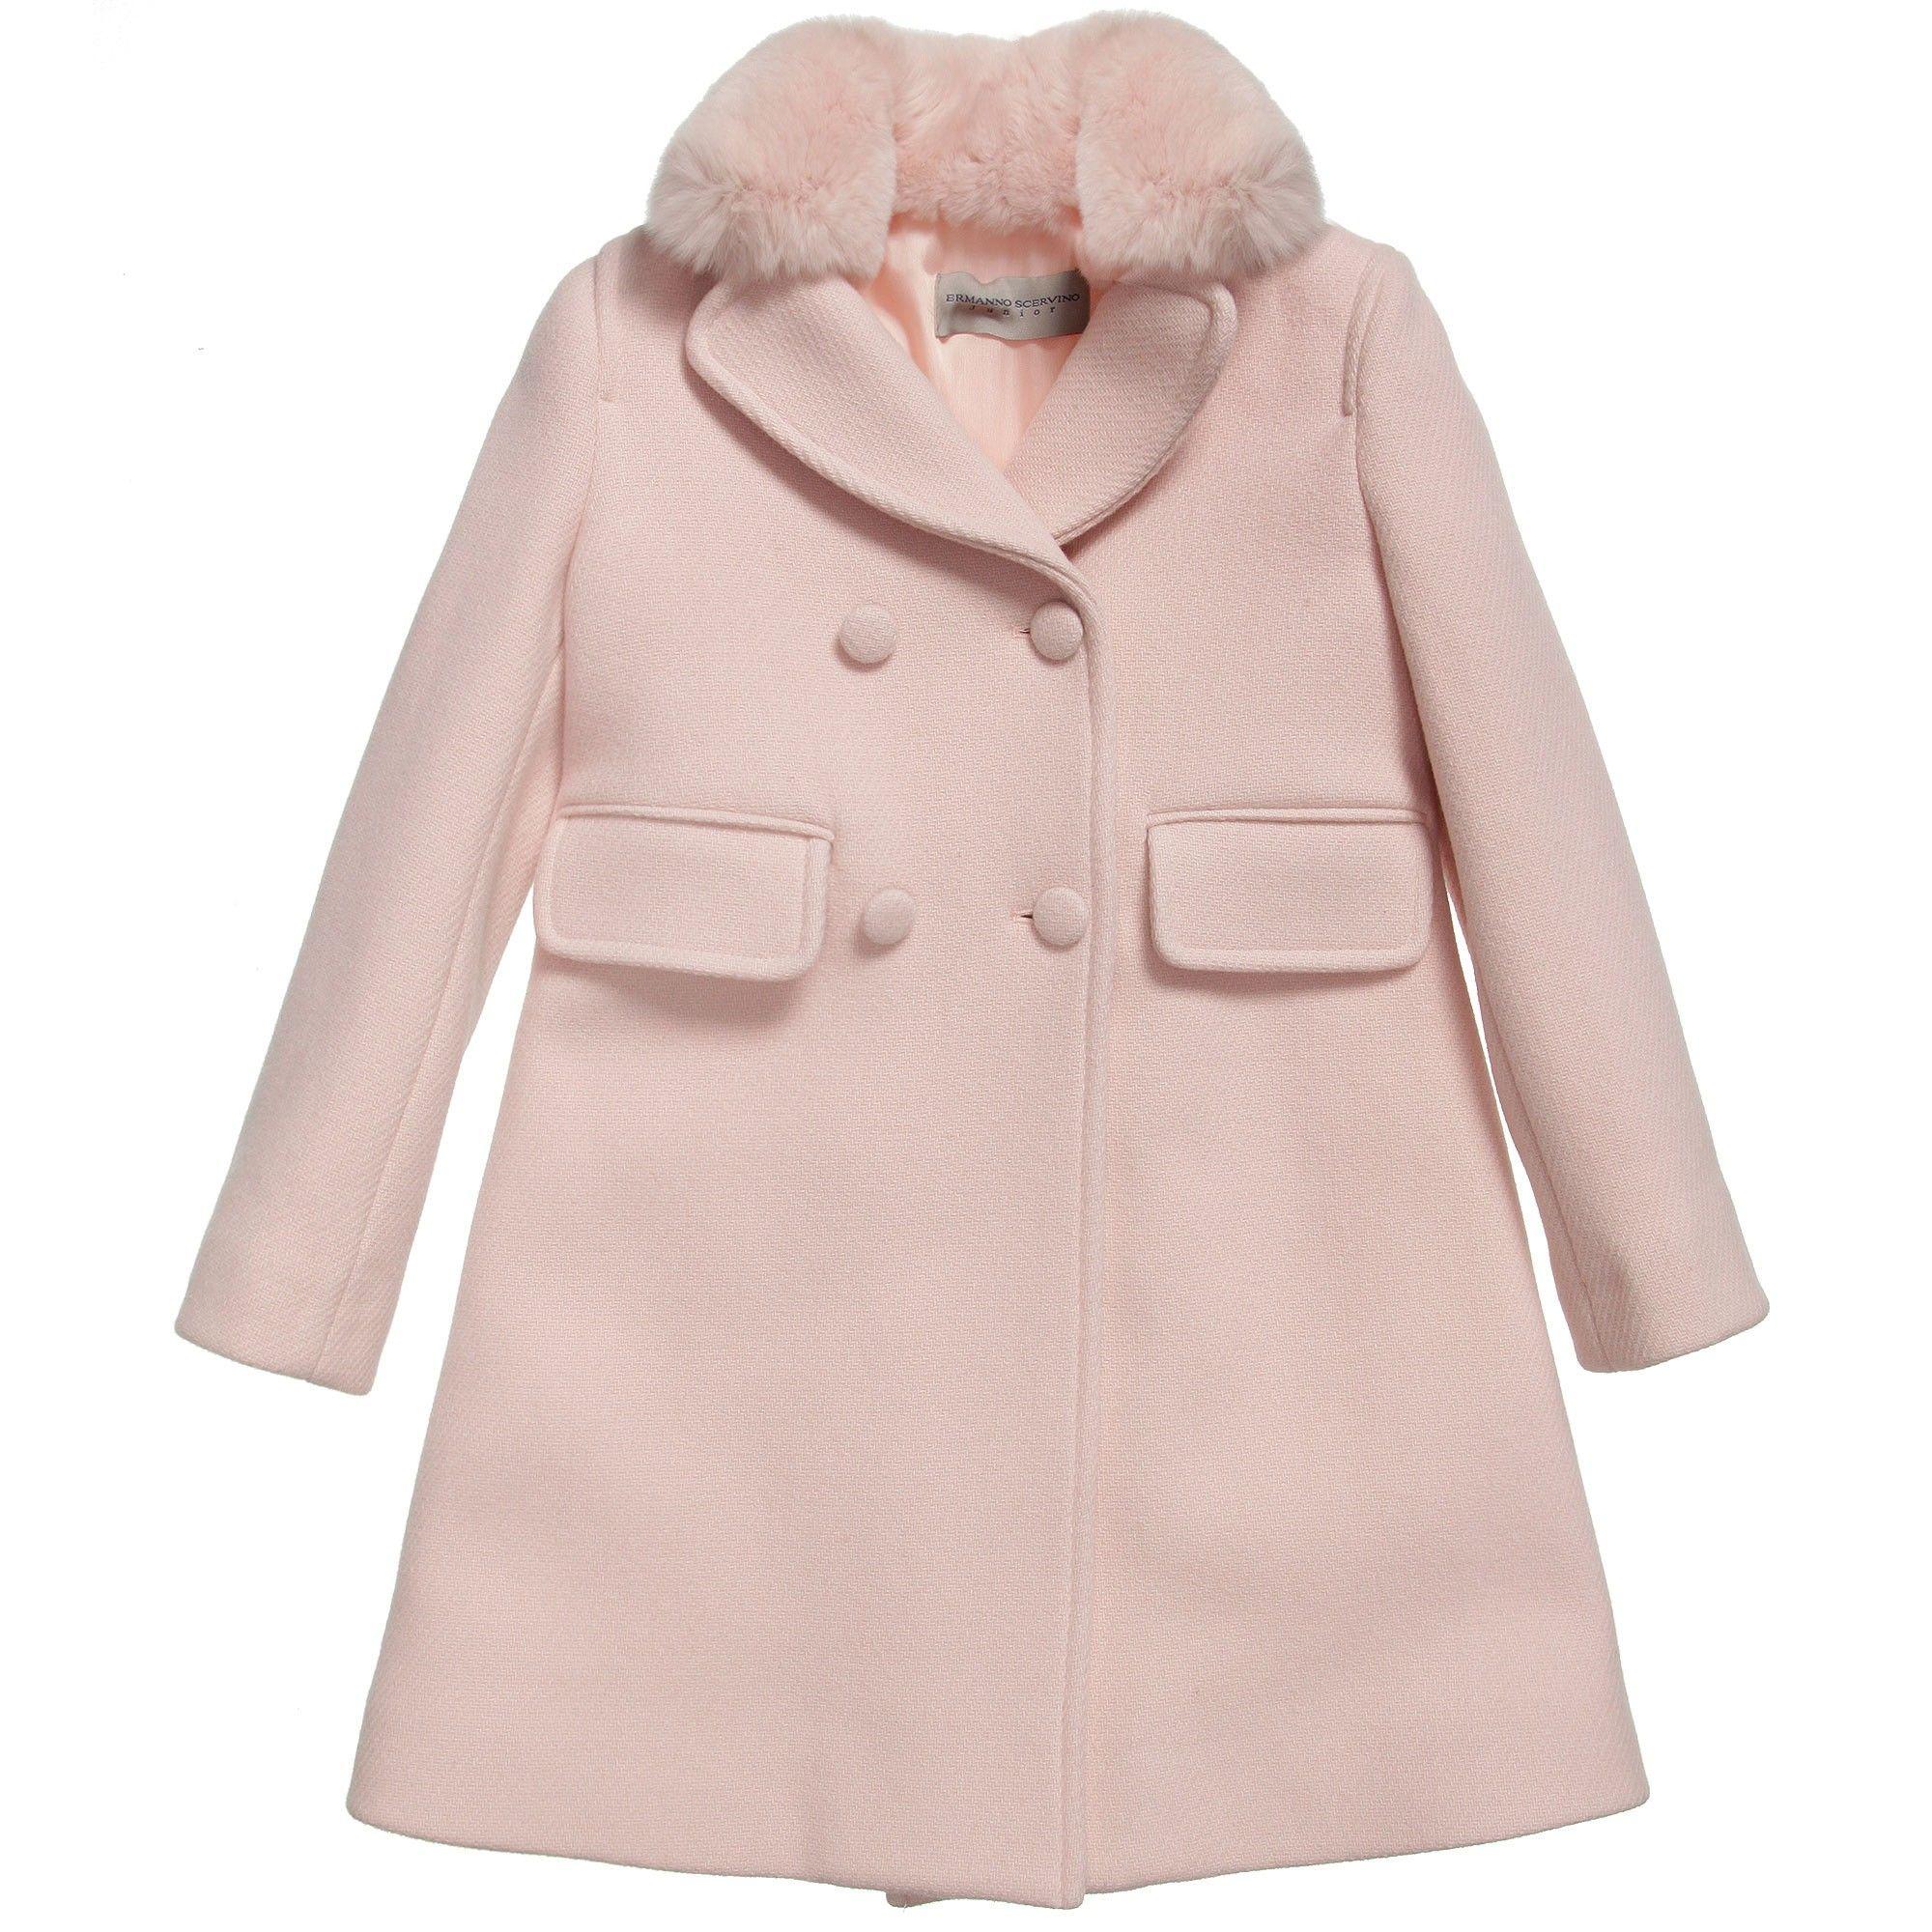 d8b15aa0eb6f6 Ermanno Scervino Girls Pink Classic Wool Coat